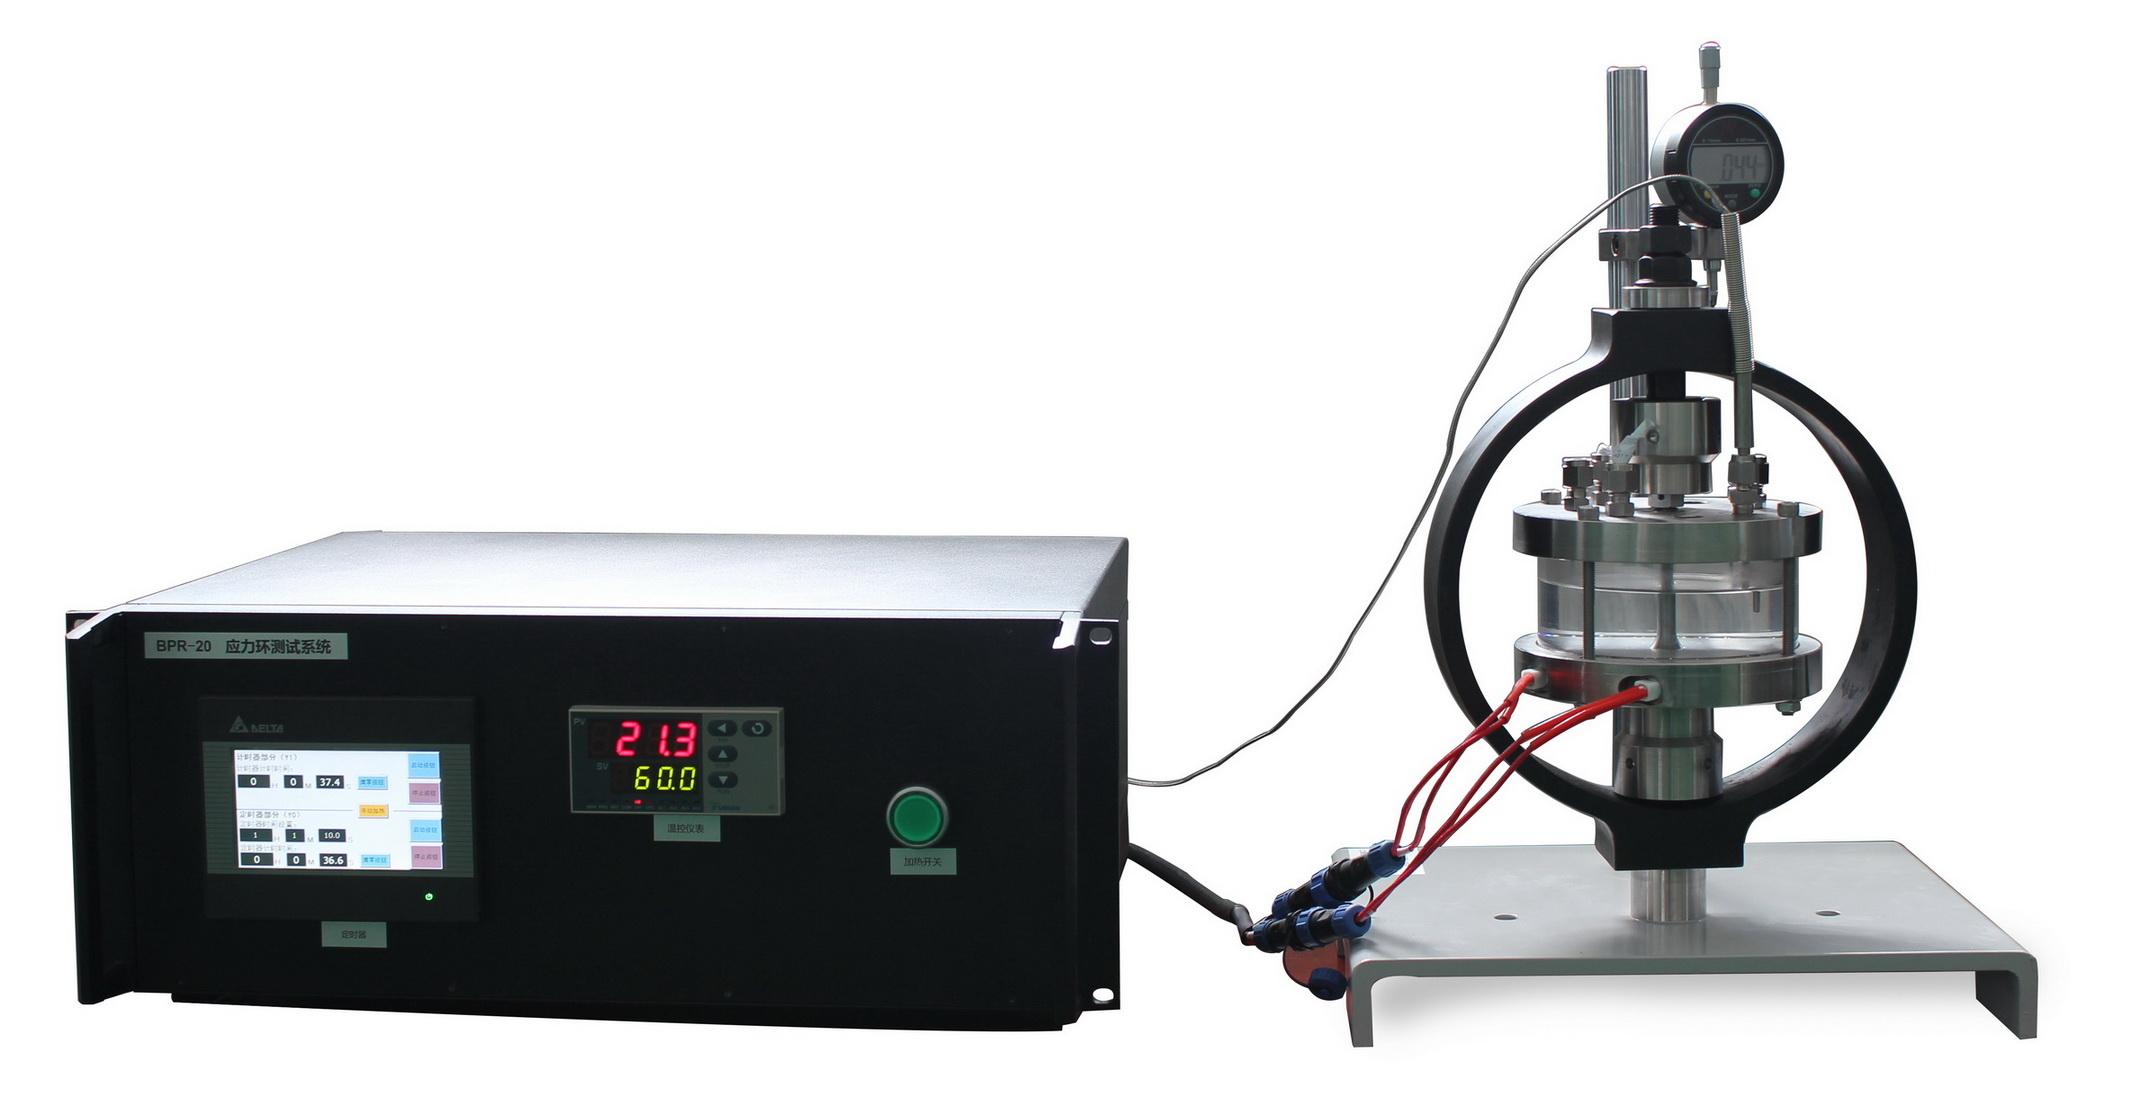 BPR-20應力環測試系統